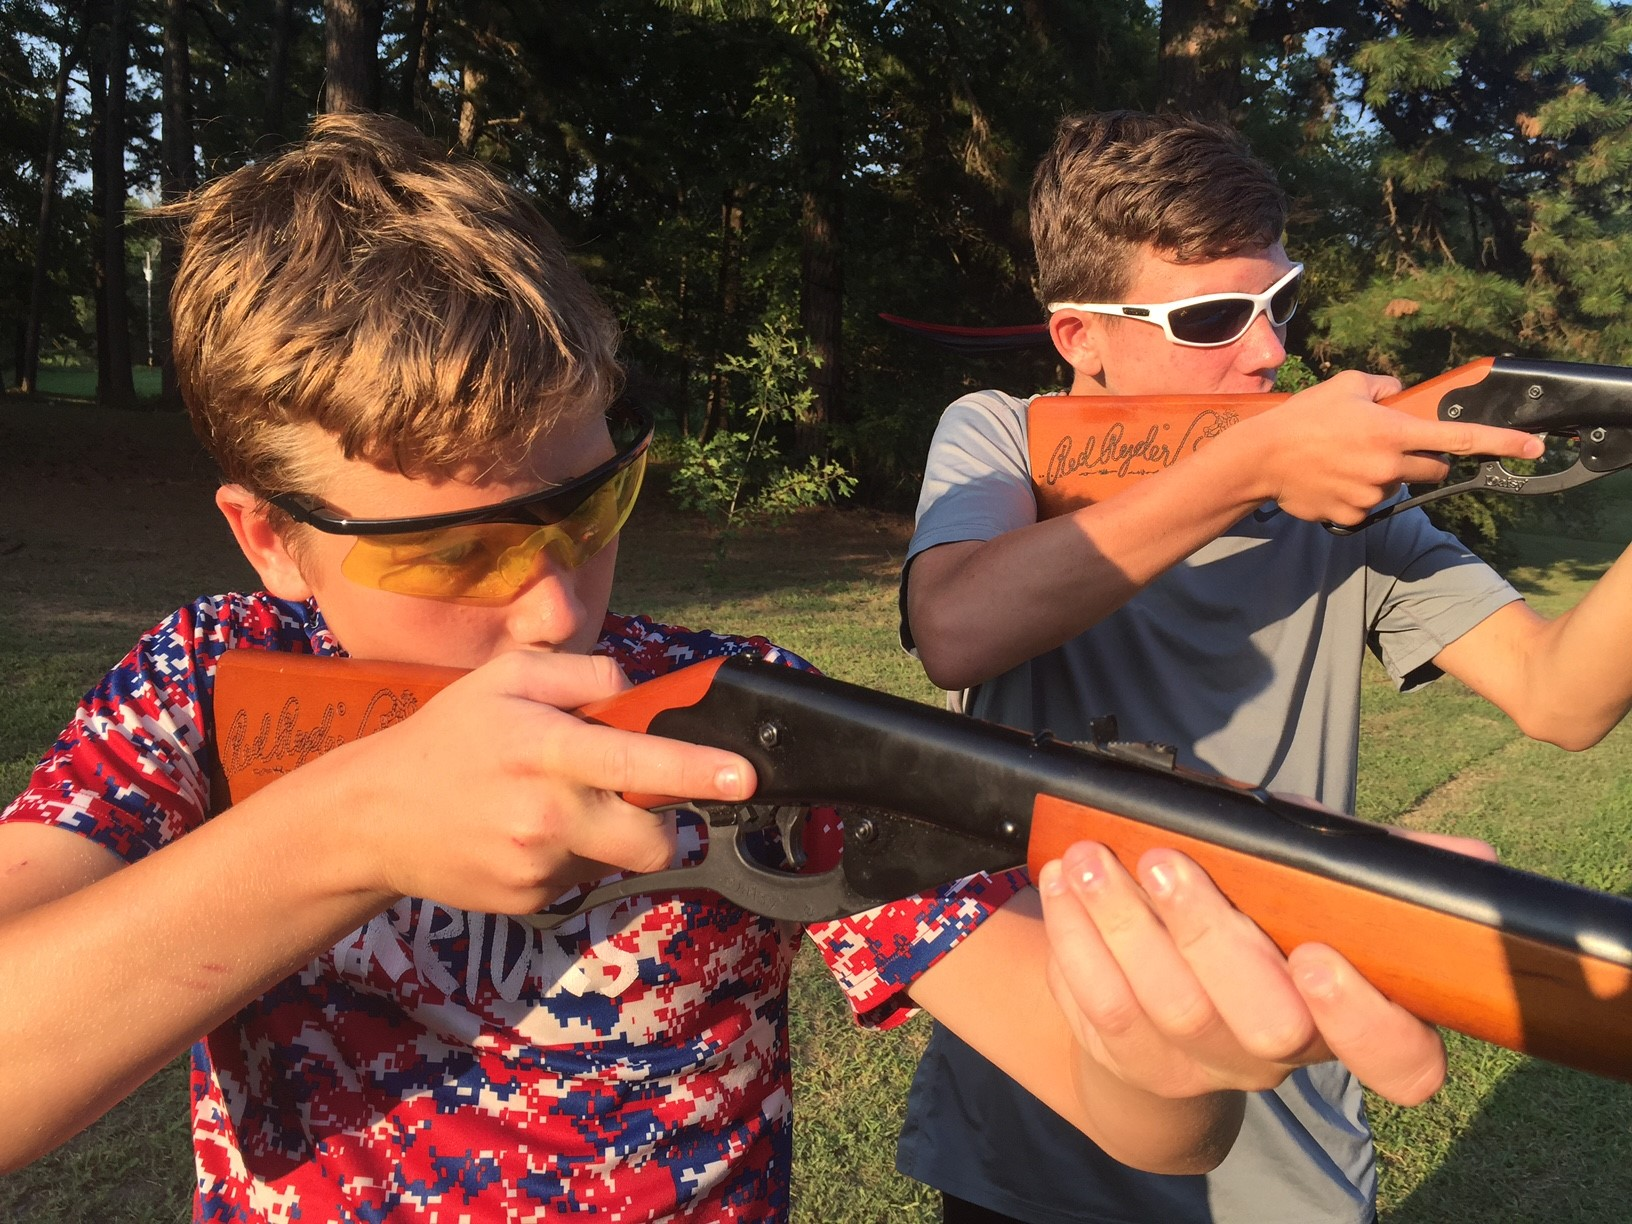 Get That Kid a BB Gun